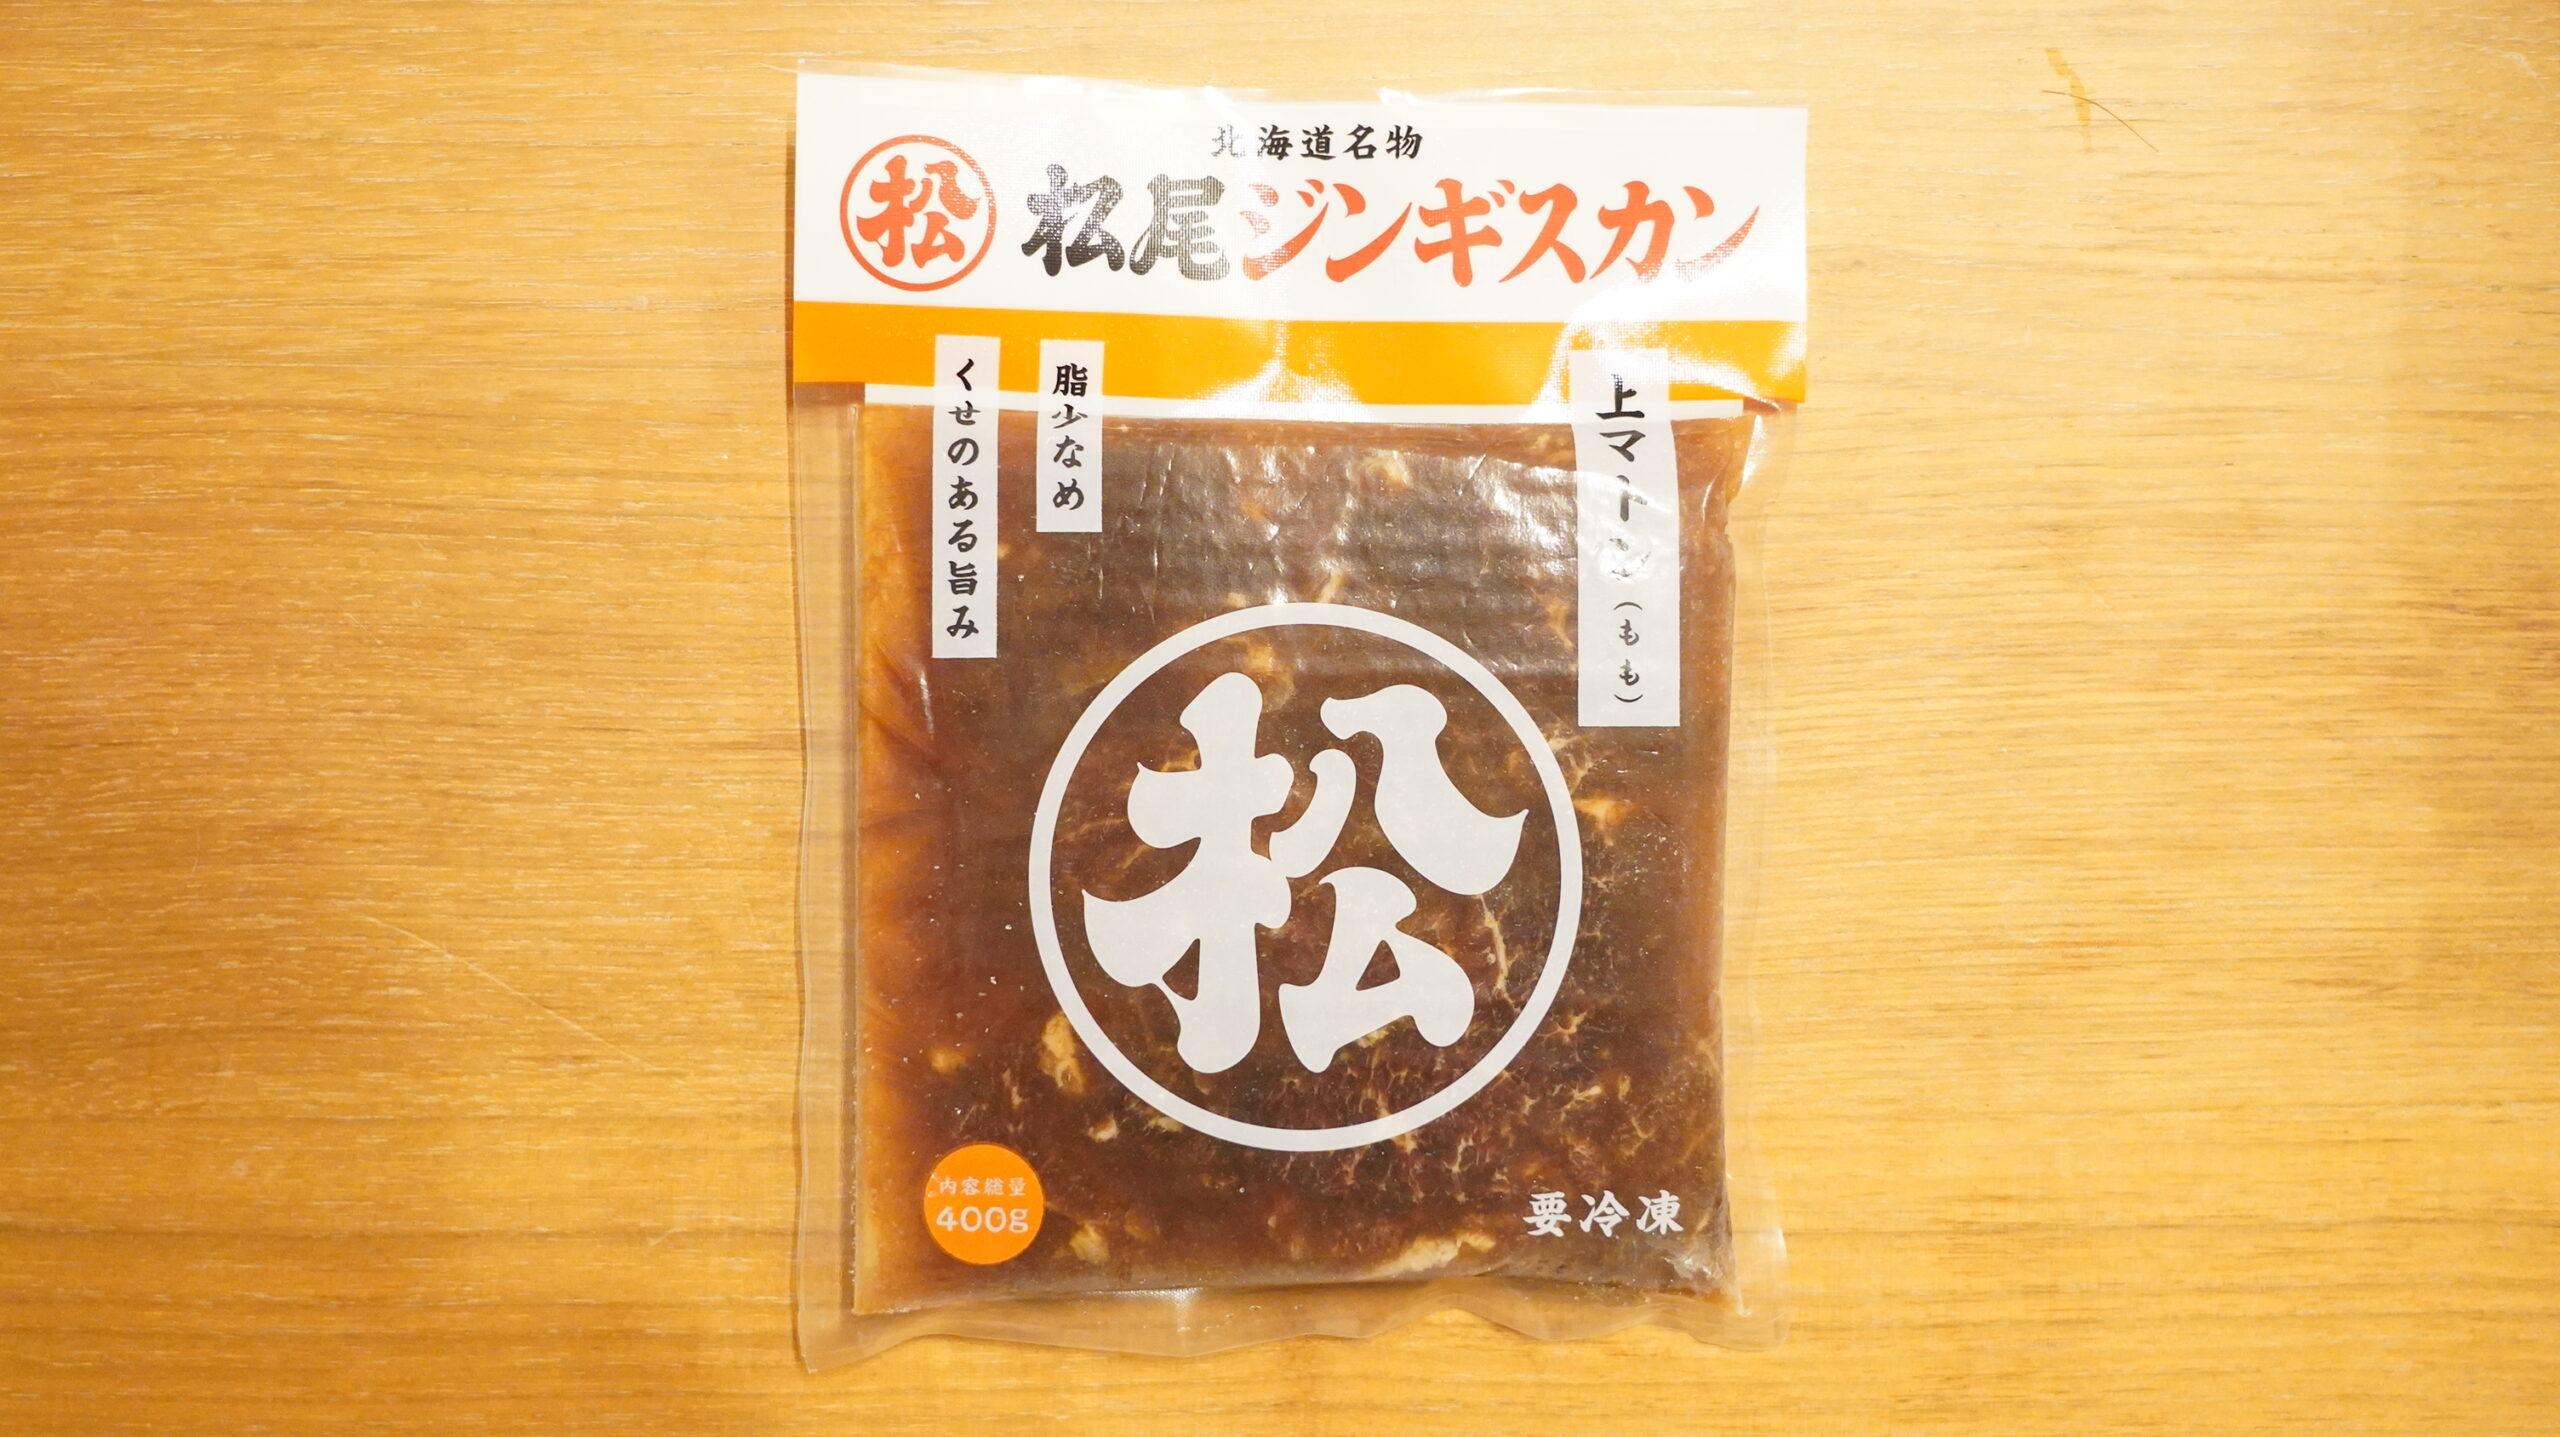 松尾ジンギスカンを通販でお取り寄せした冷凍上マトン肉のパッケージ写真